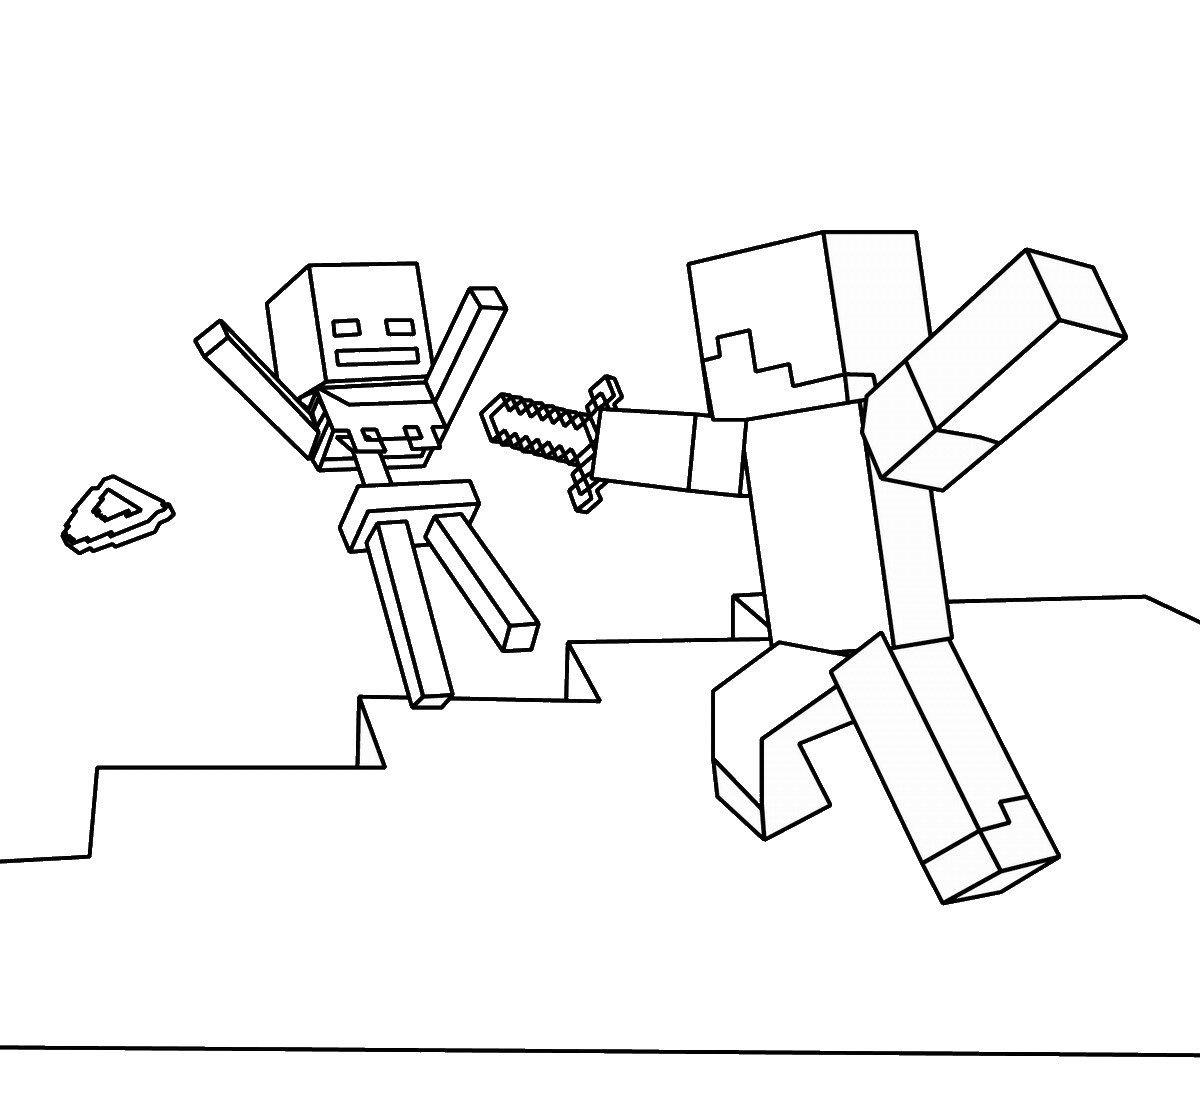 Dibujo Para Colorear Minecraft Paginas Para Colorear Minecraft Dibujos Minecraft Imprimibles Dibujos Animados Para Pintar